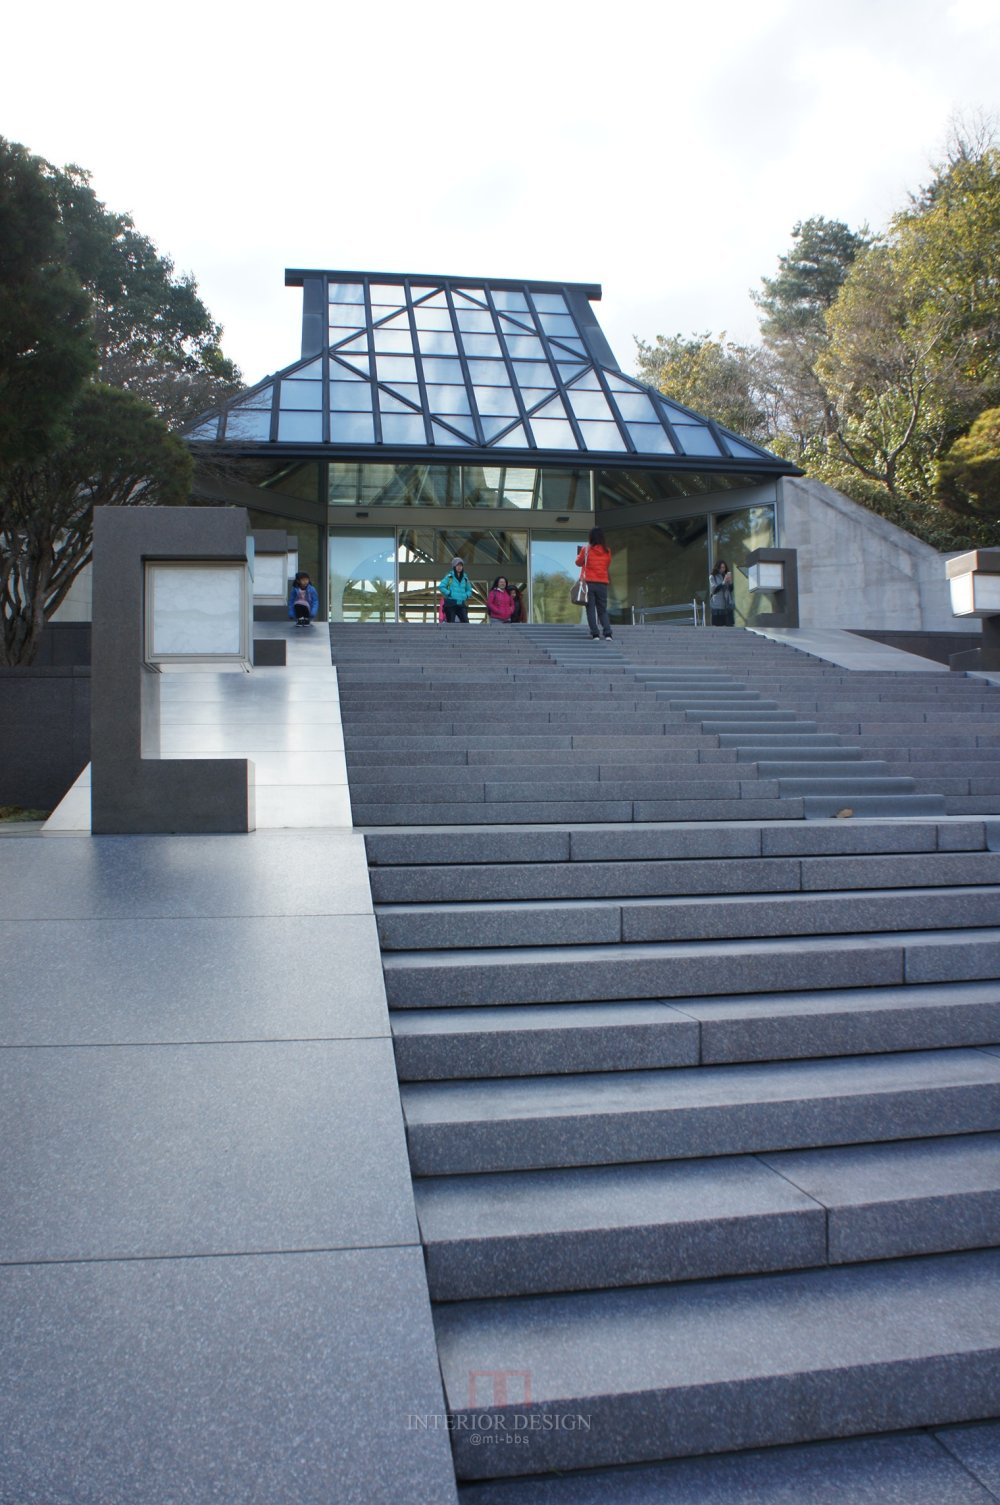 日本美秀美术馆MIHO MUSEUM自拍分享-贝聿铭_DSC06451.JPG